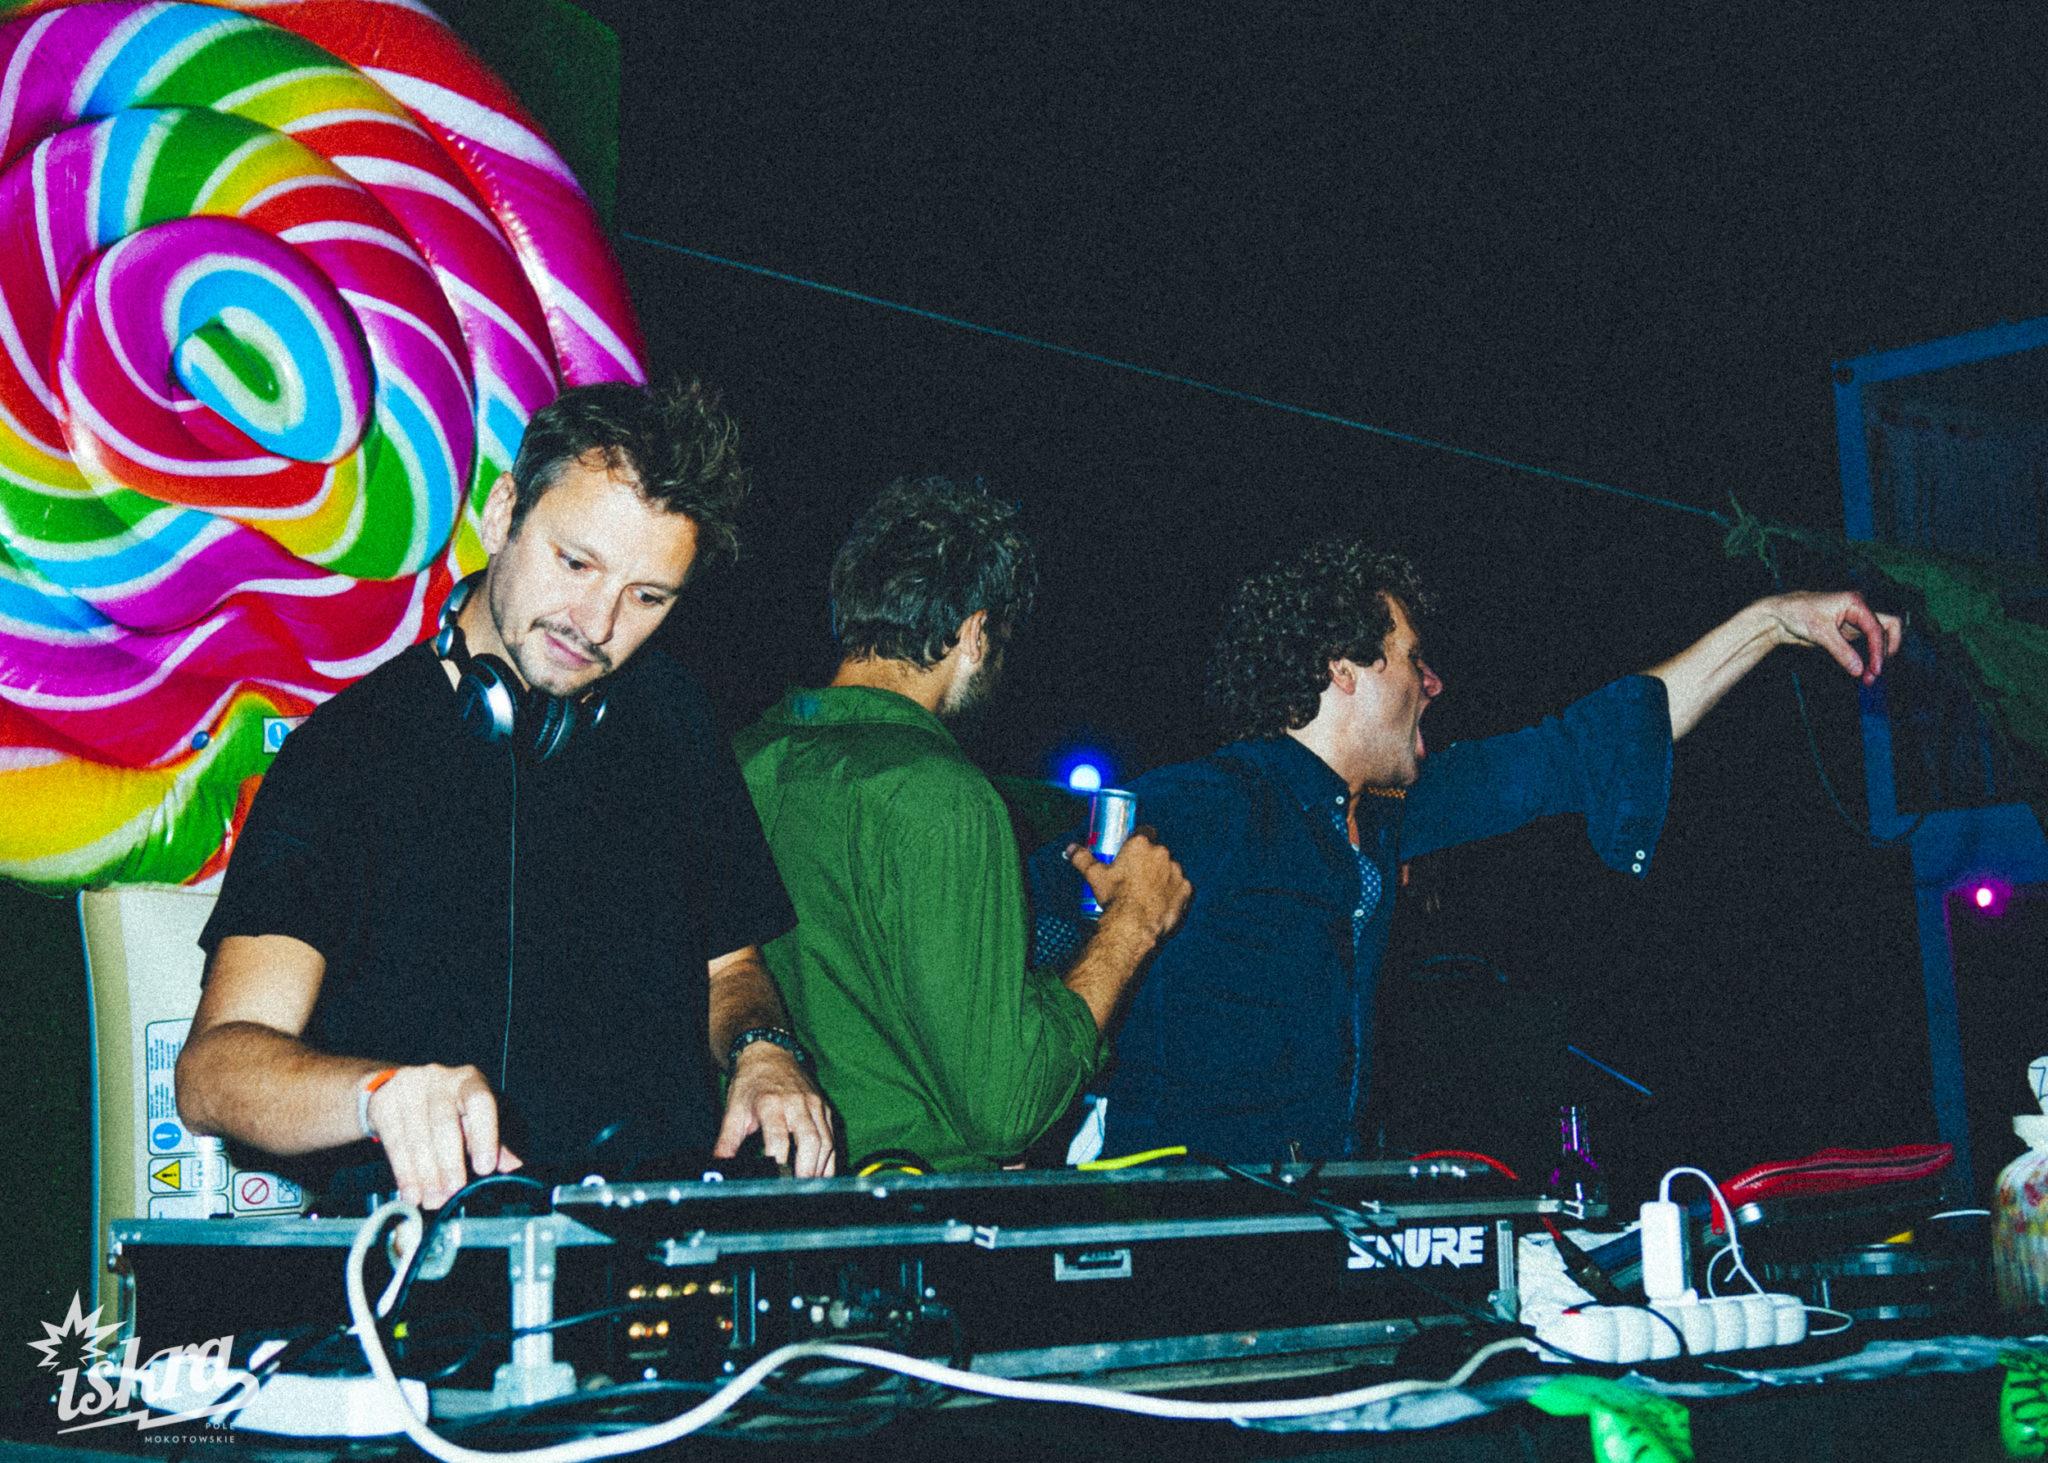 Trzech DJów przy konsolecie